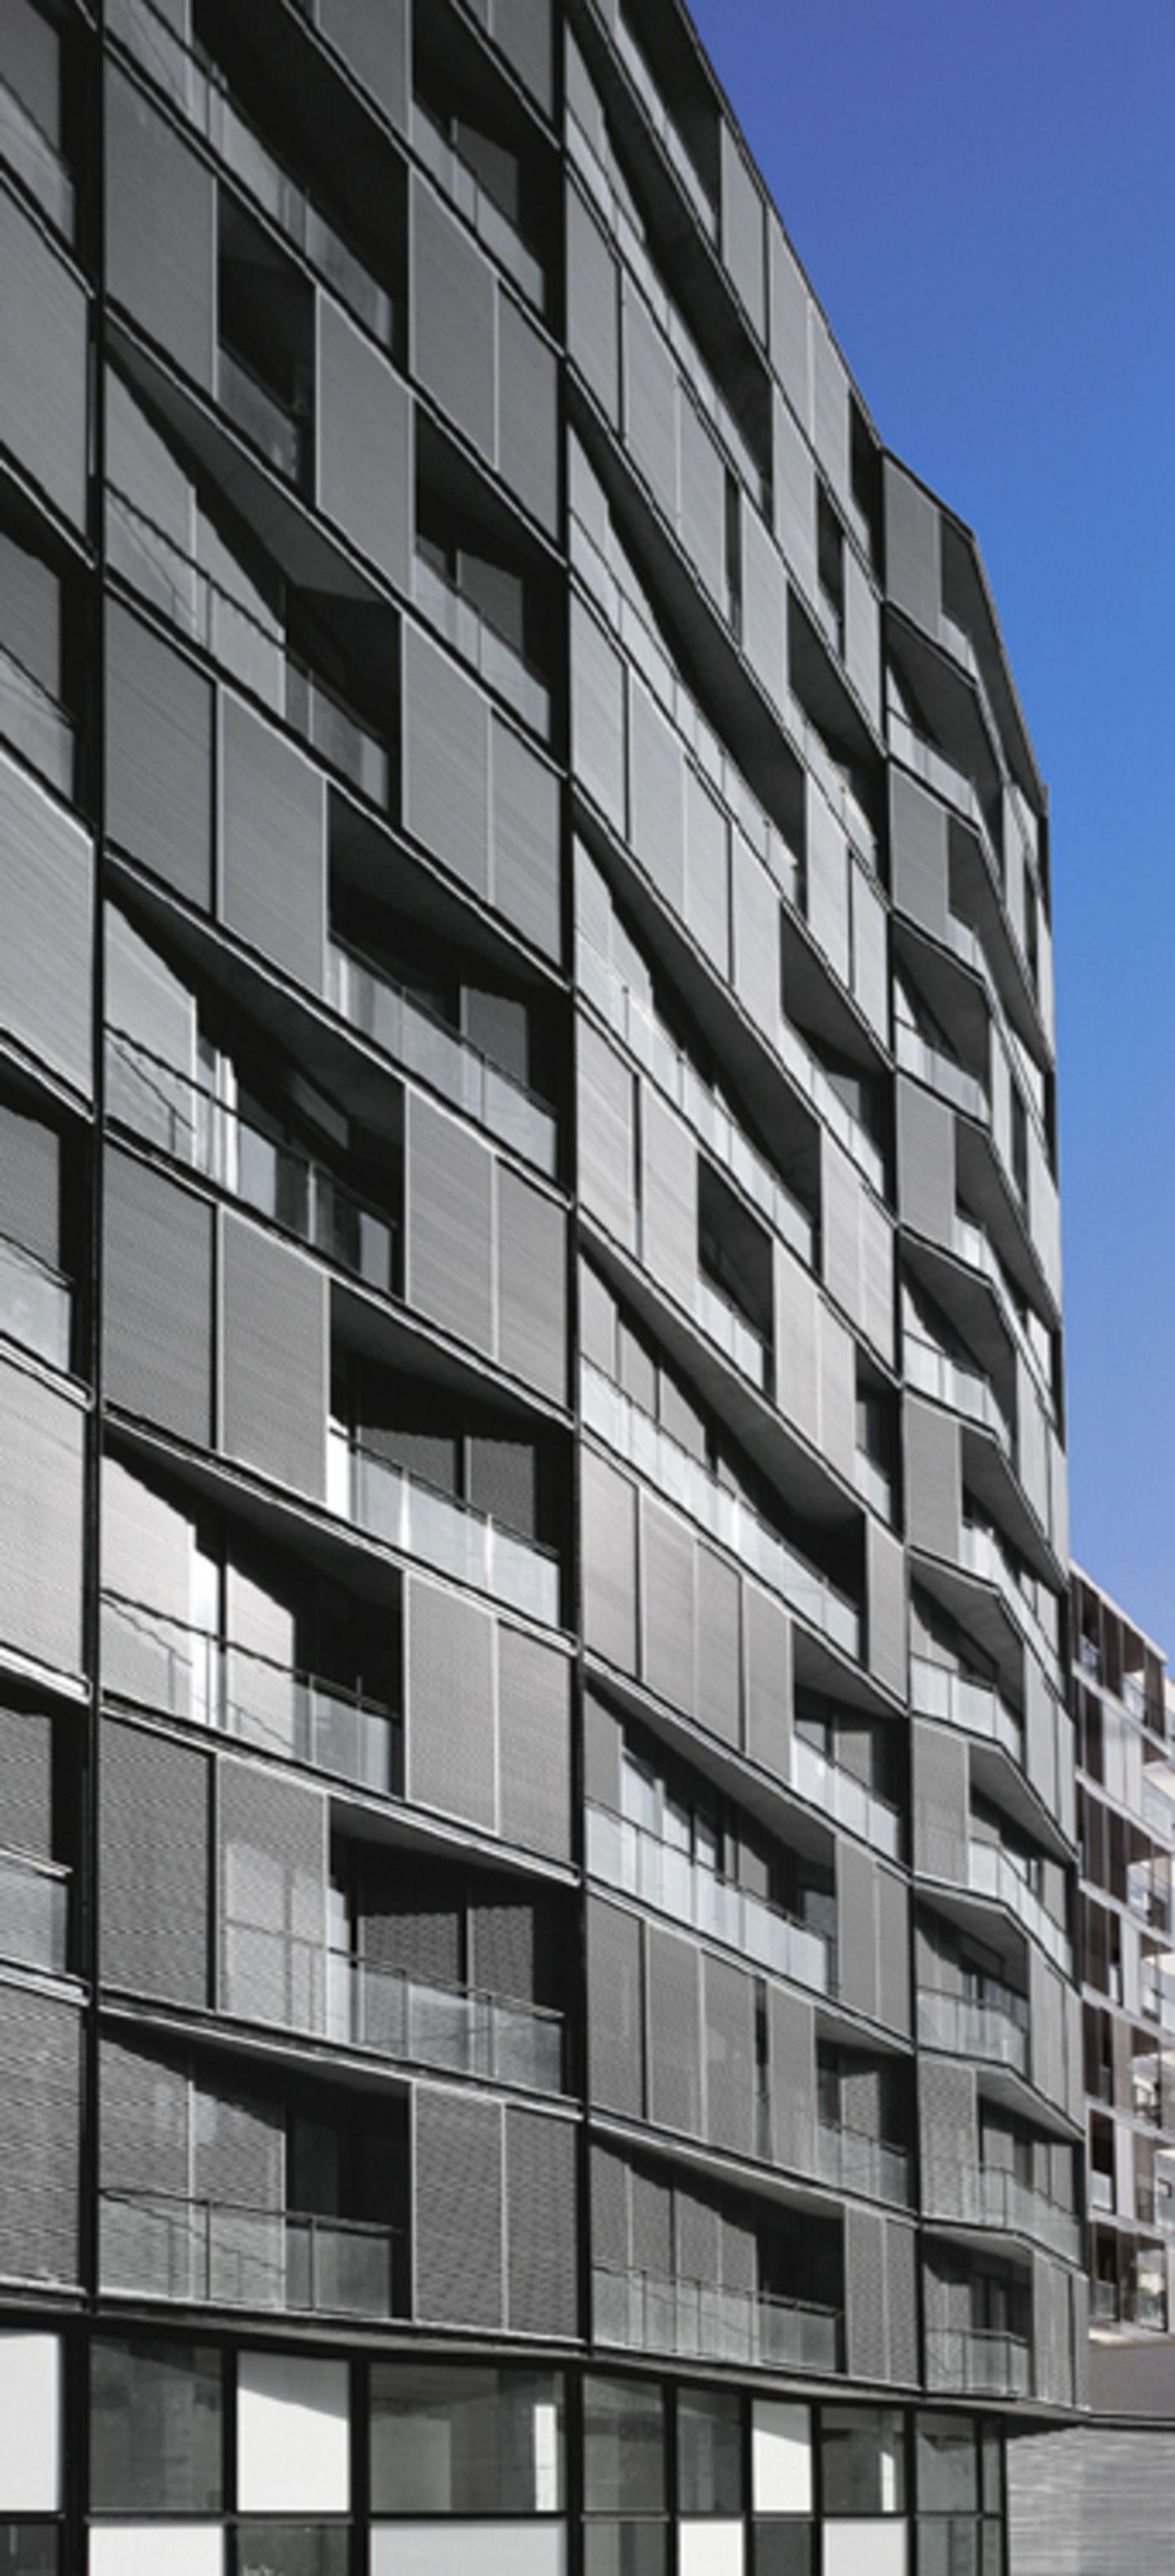 En la nueva Diagonal de Barcelona, frente al parque proyectado por Jean Nouvel en el extremo del brazo norte de la manzana, se ubica un edificio residencial que atiende a la doble condición, por un lado como frente de una manzana abierta del Plan C...